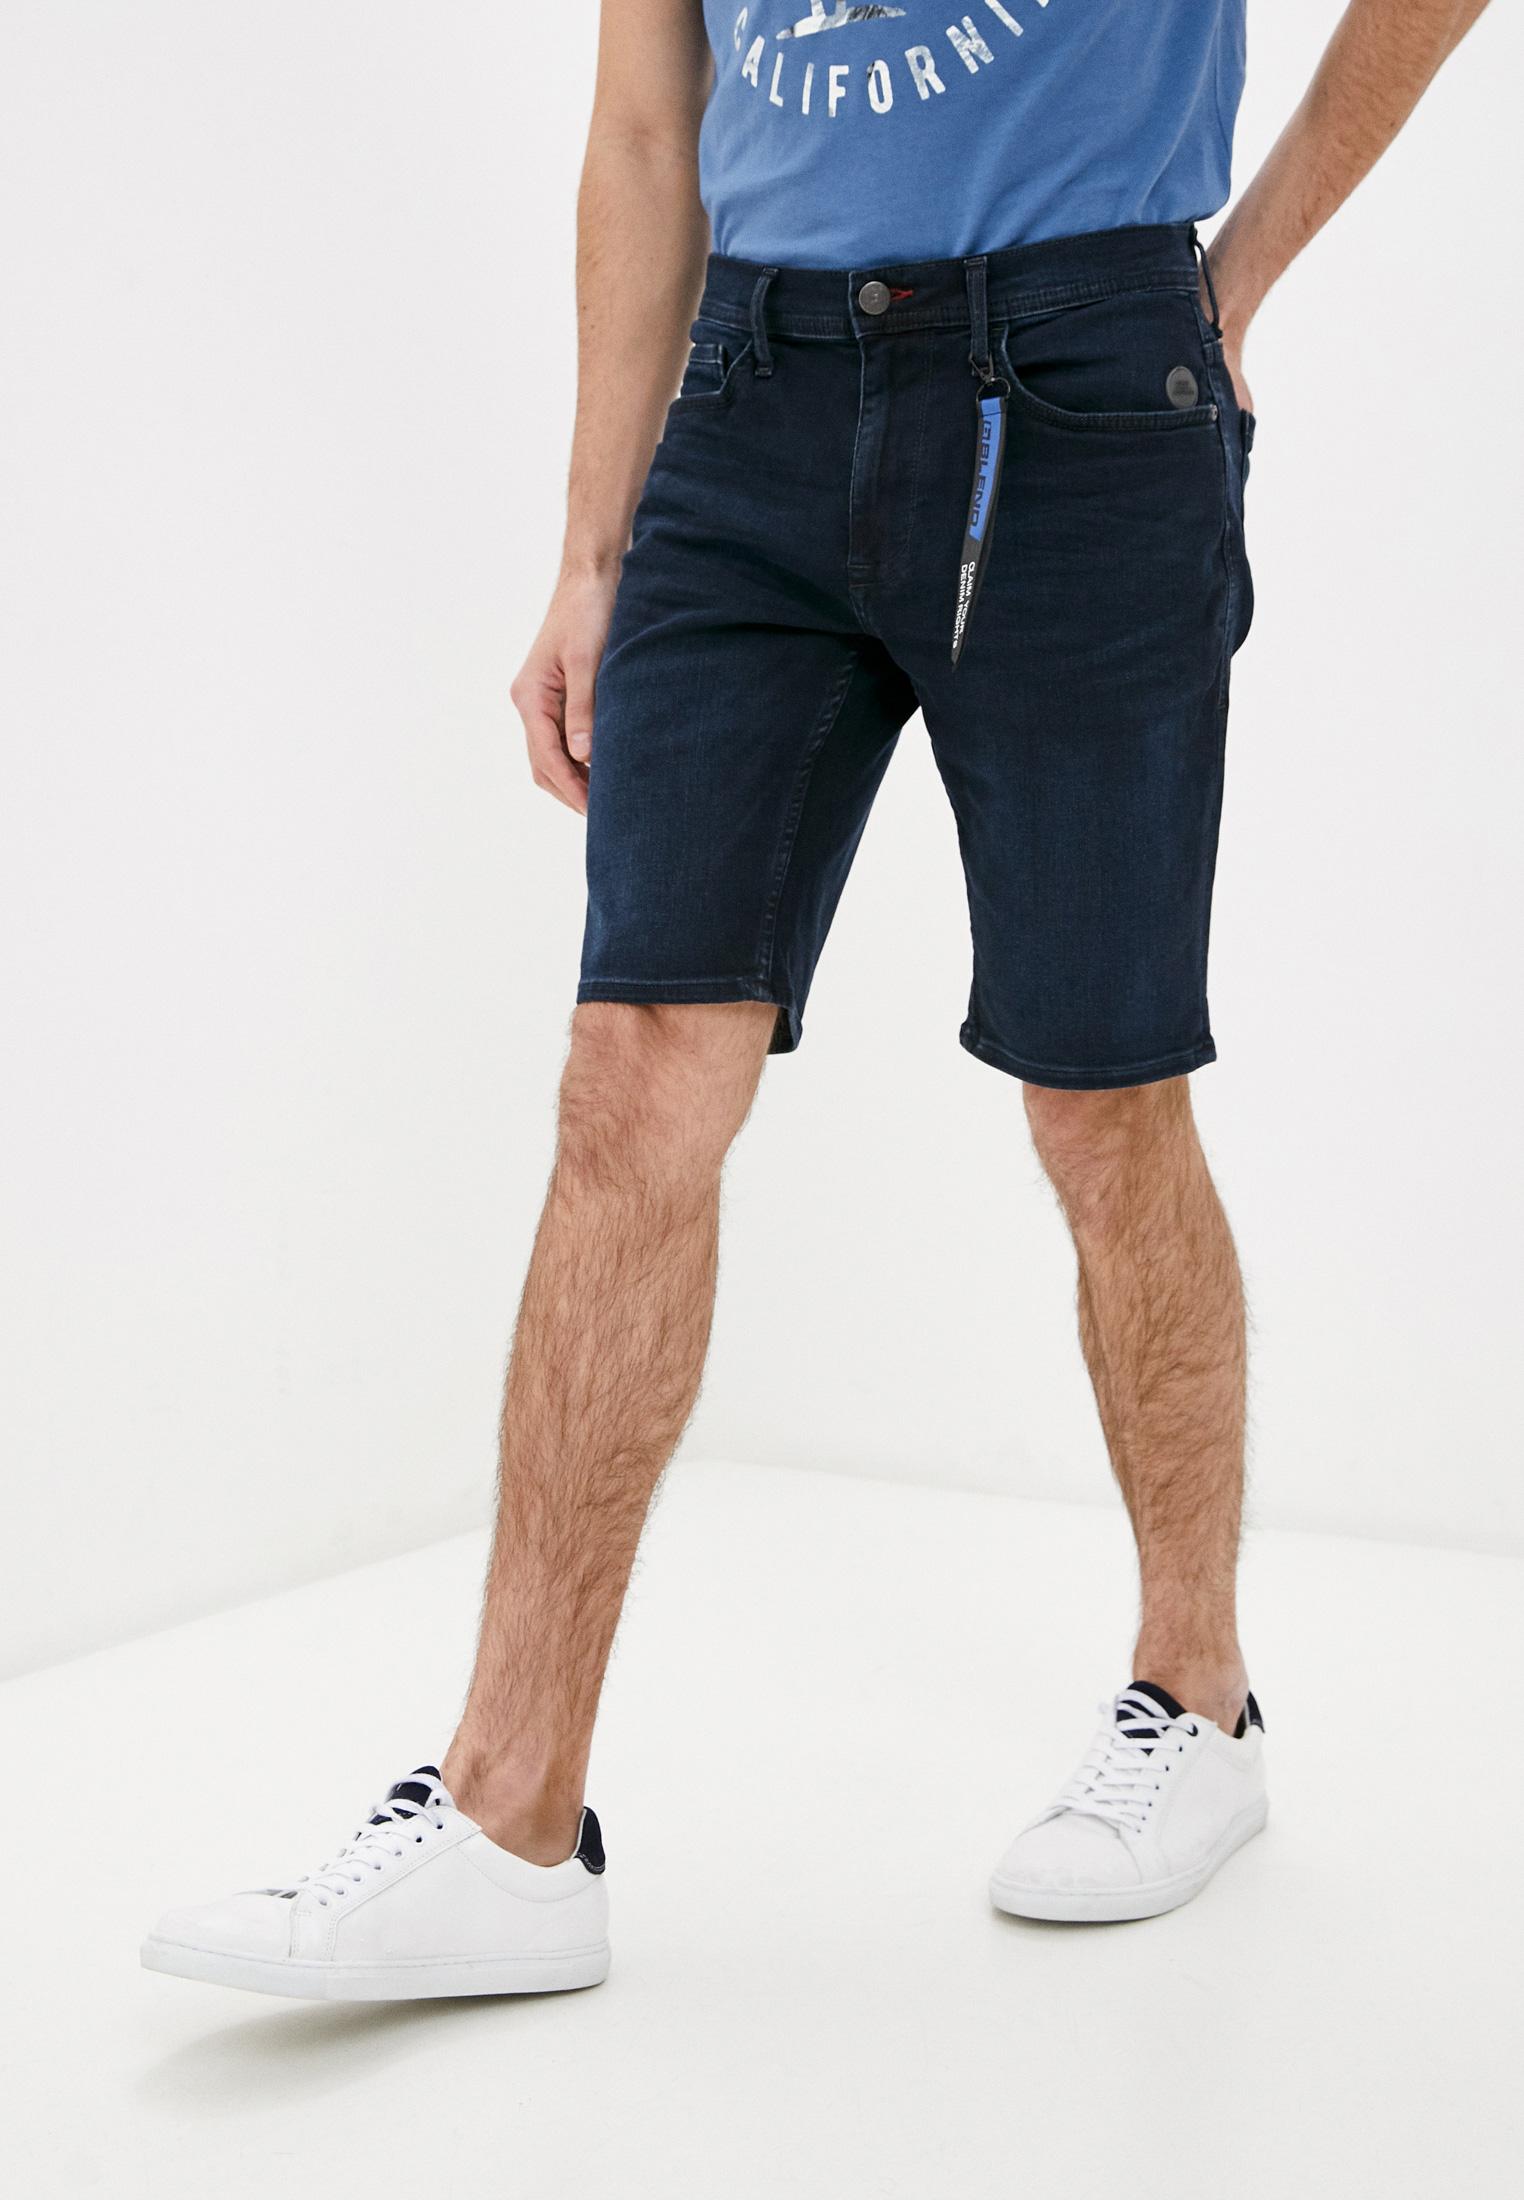 Мужские джинсовые шорты Blend (Бленд) Шорты джинсовые Blend